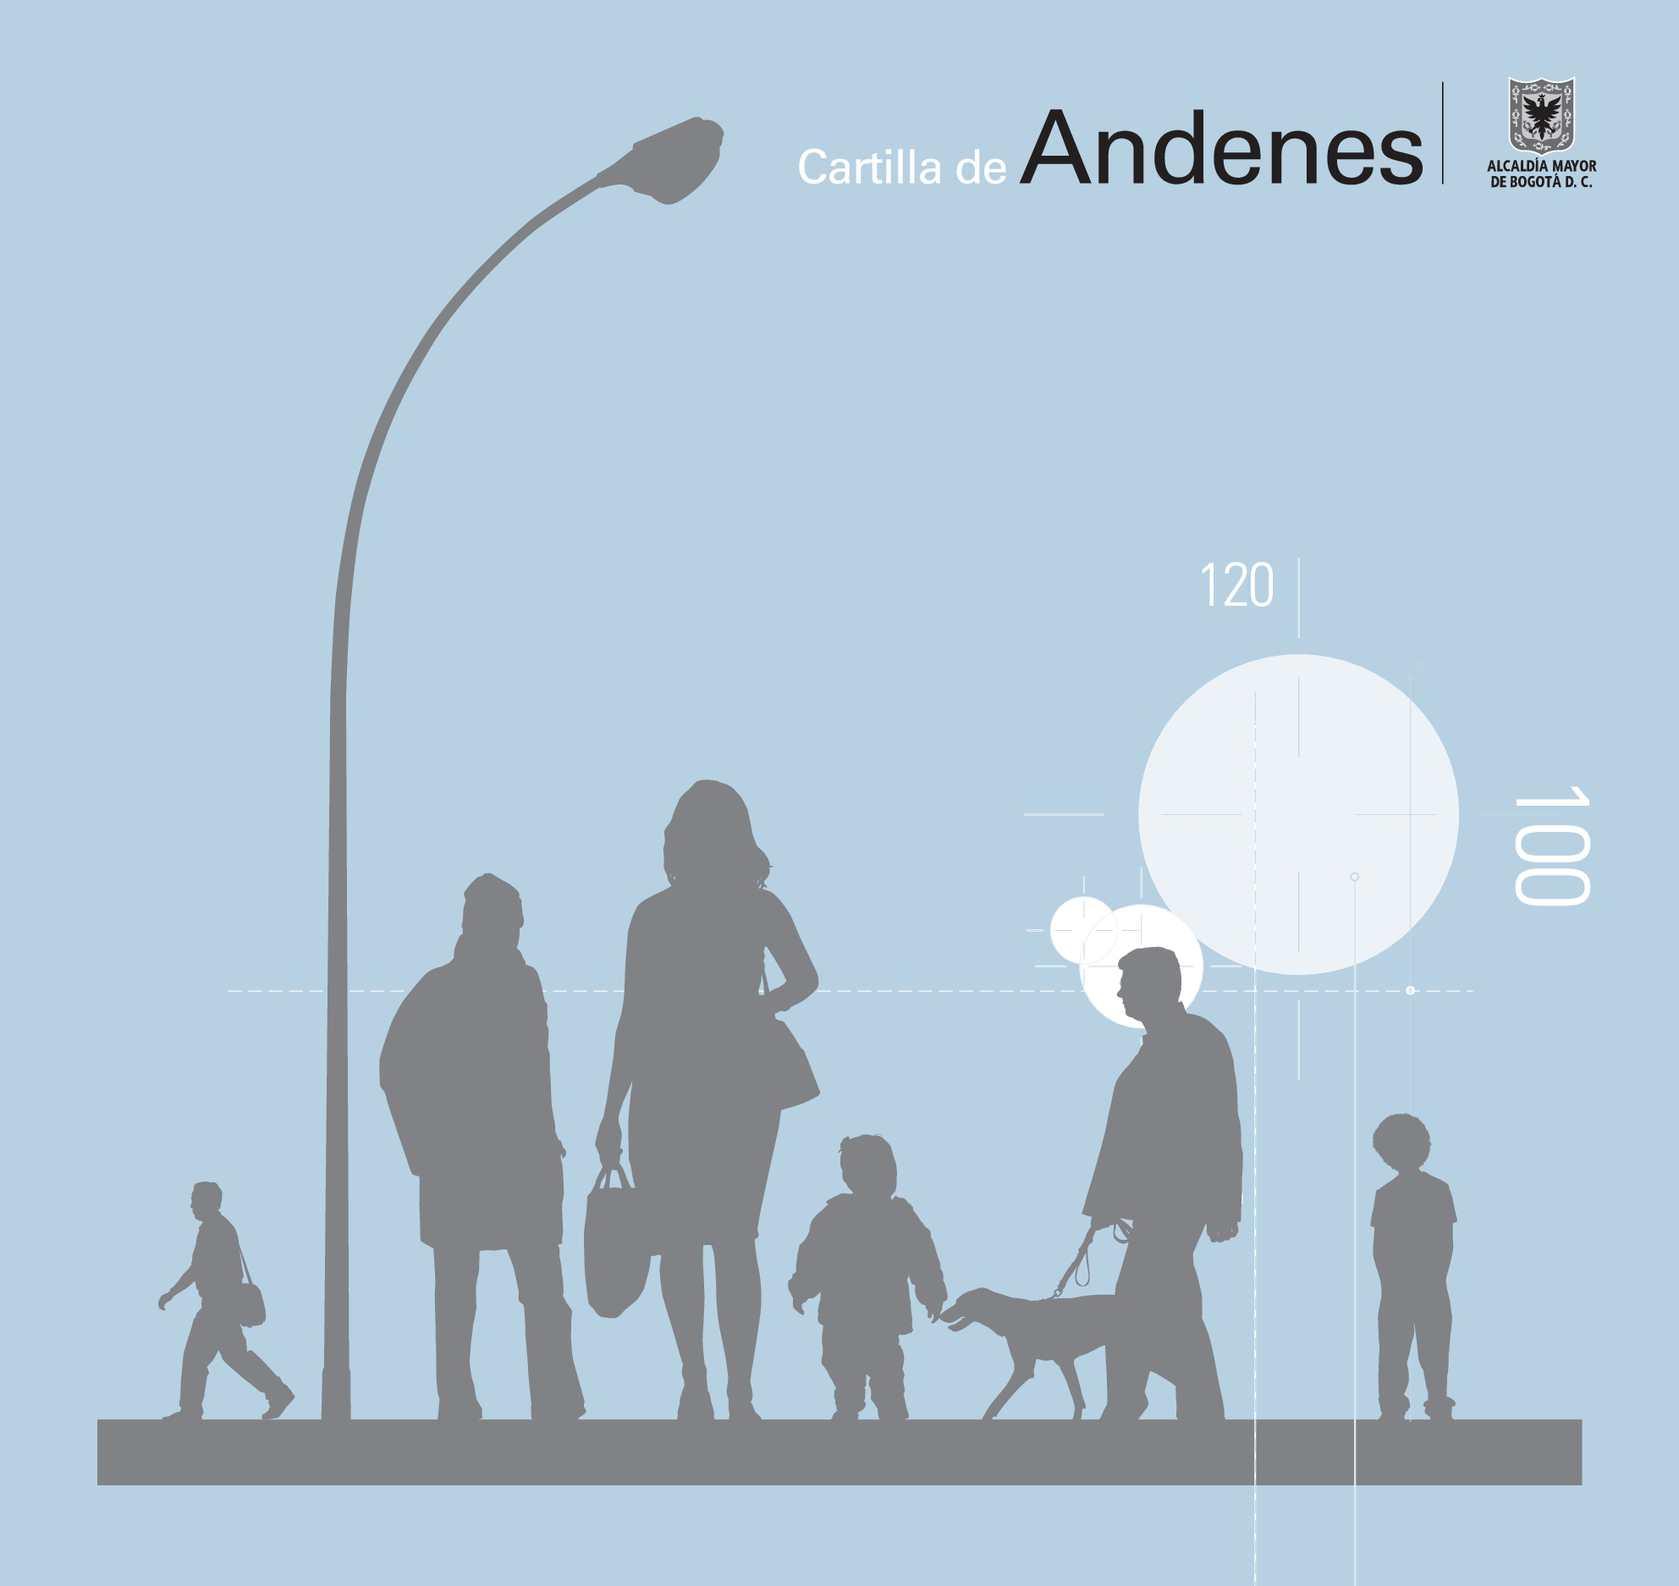 CARTILLA DE ANDENES